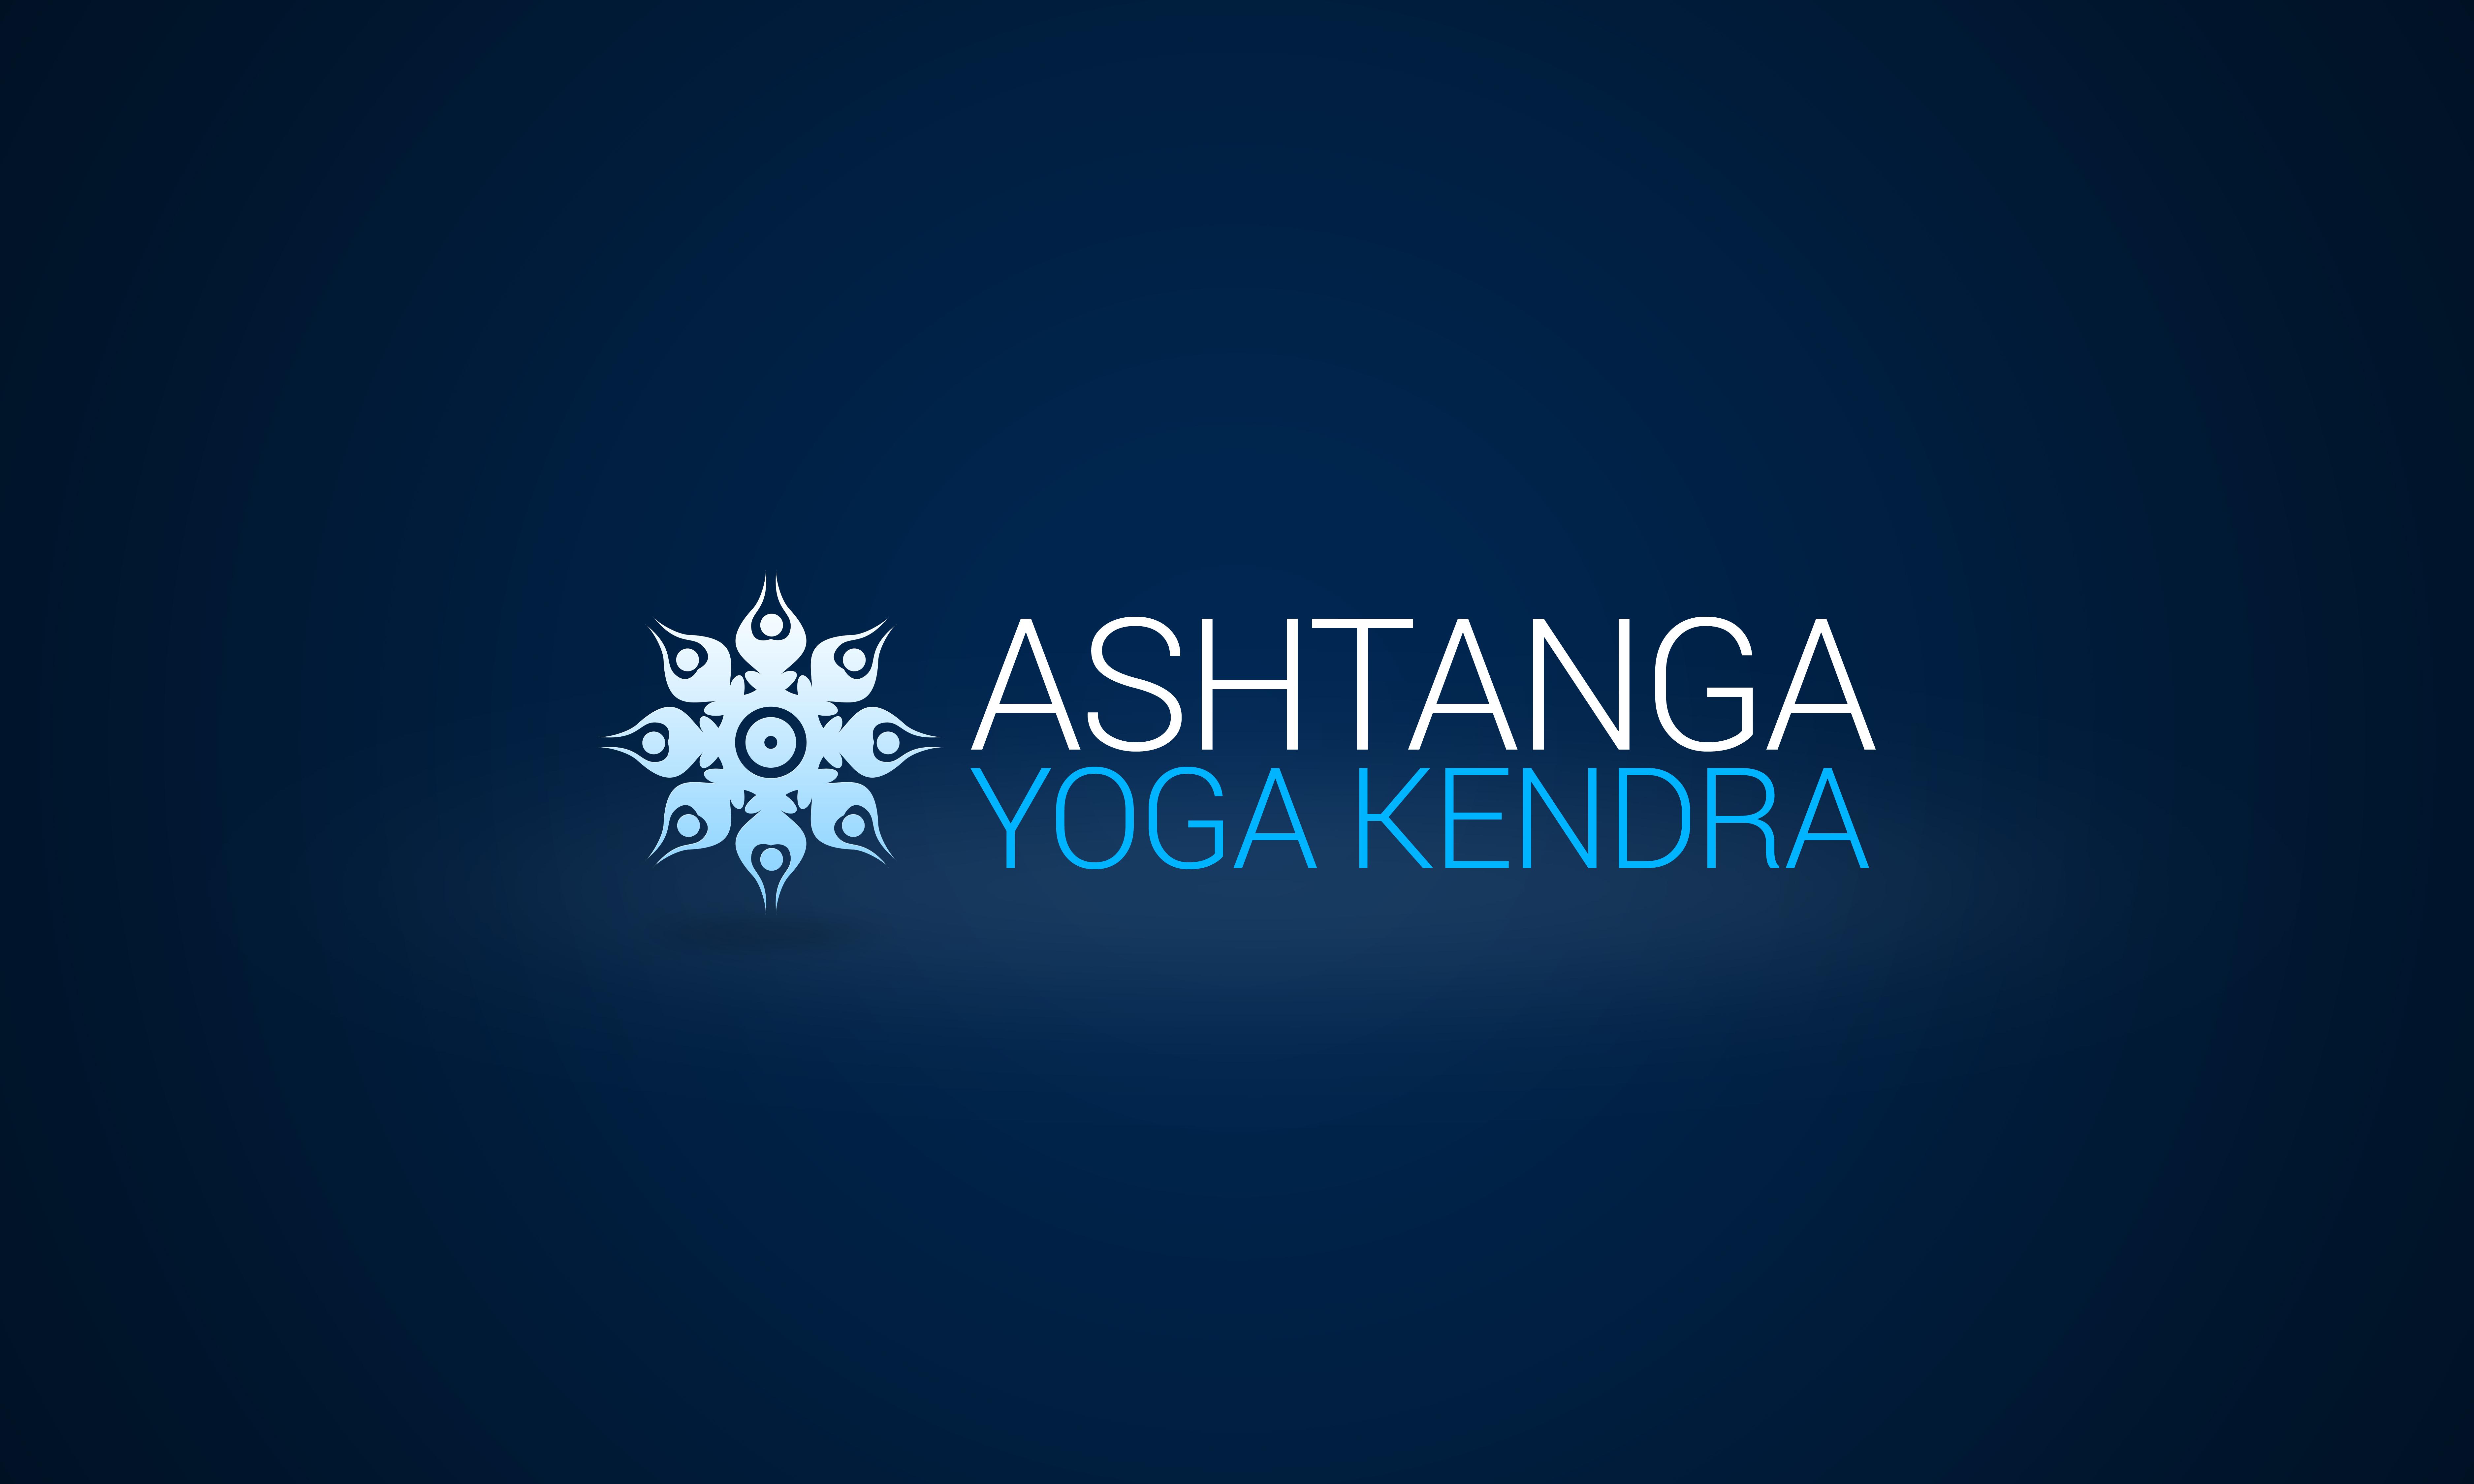 Ashtanga Yoga Kendra Hording